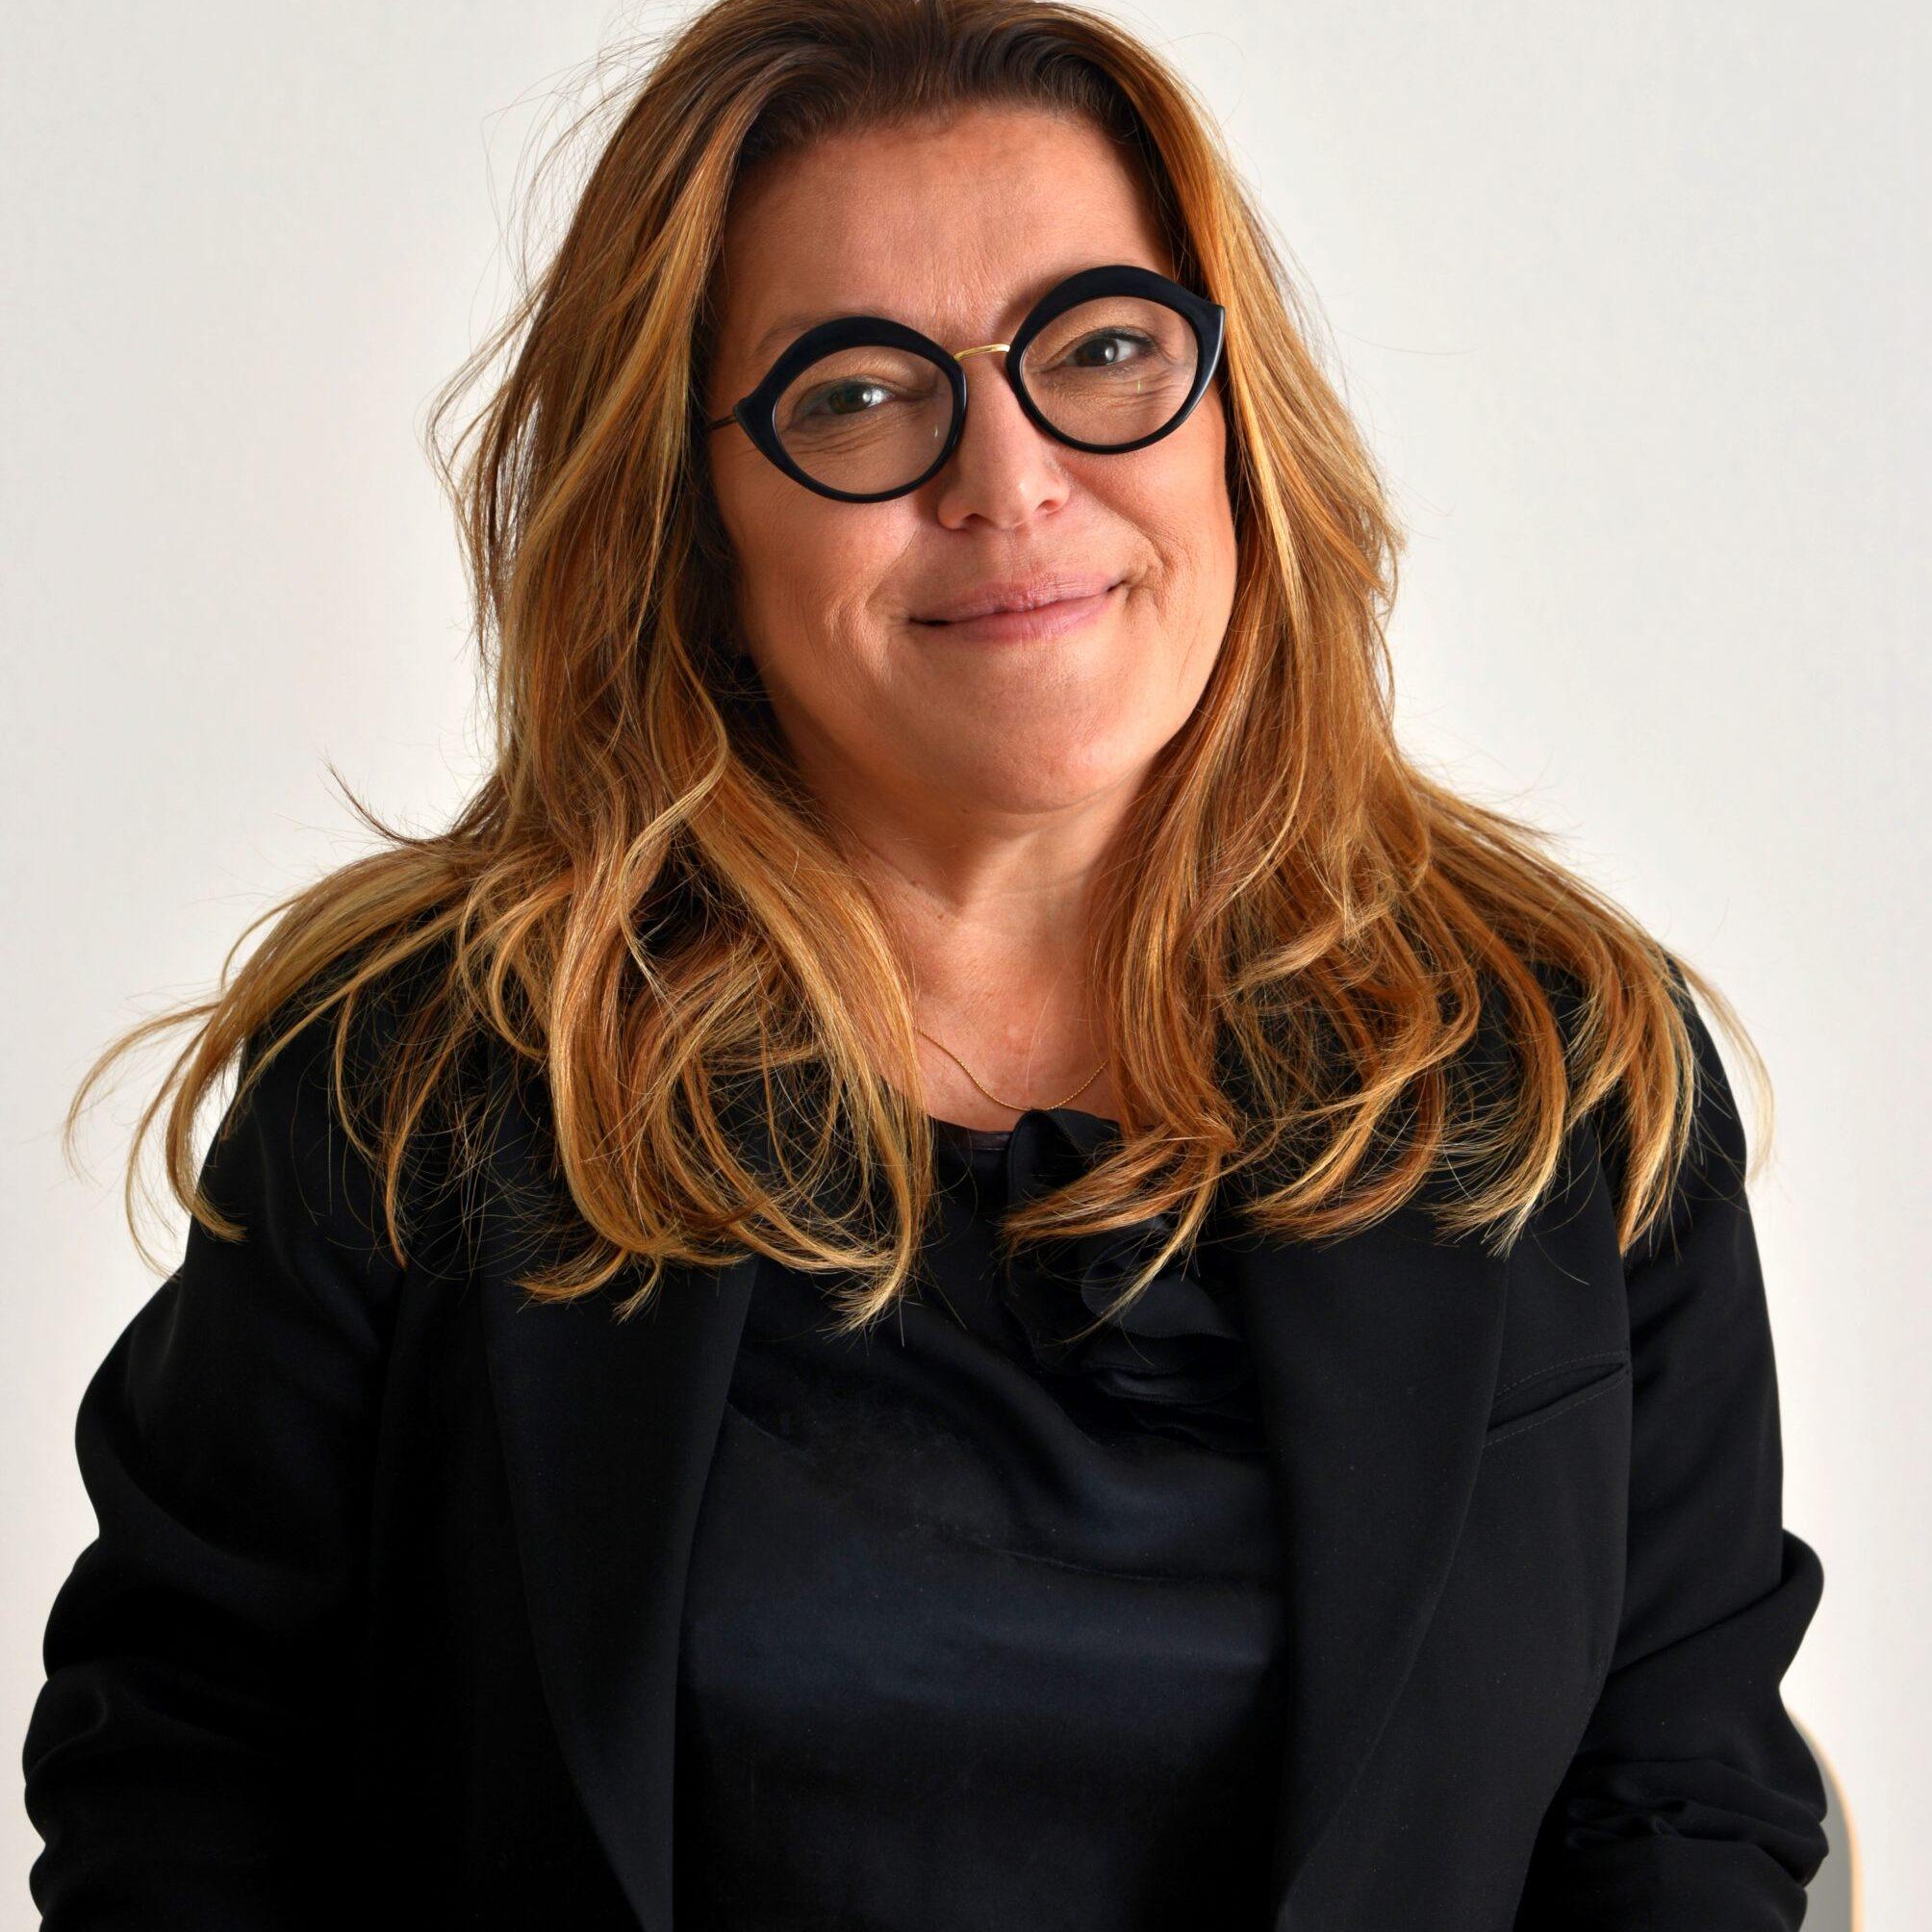 Alessandra Olivieri